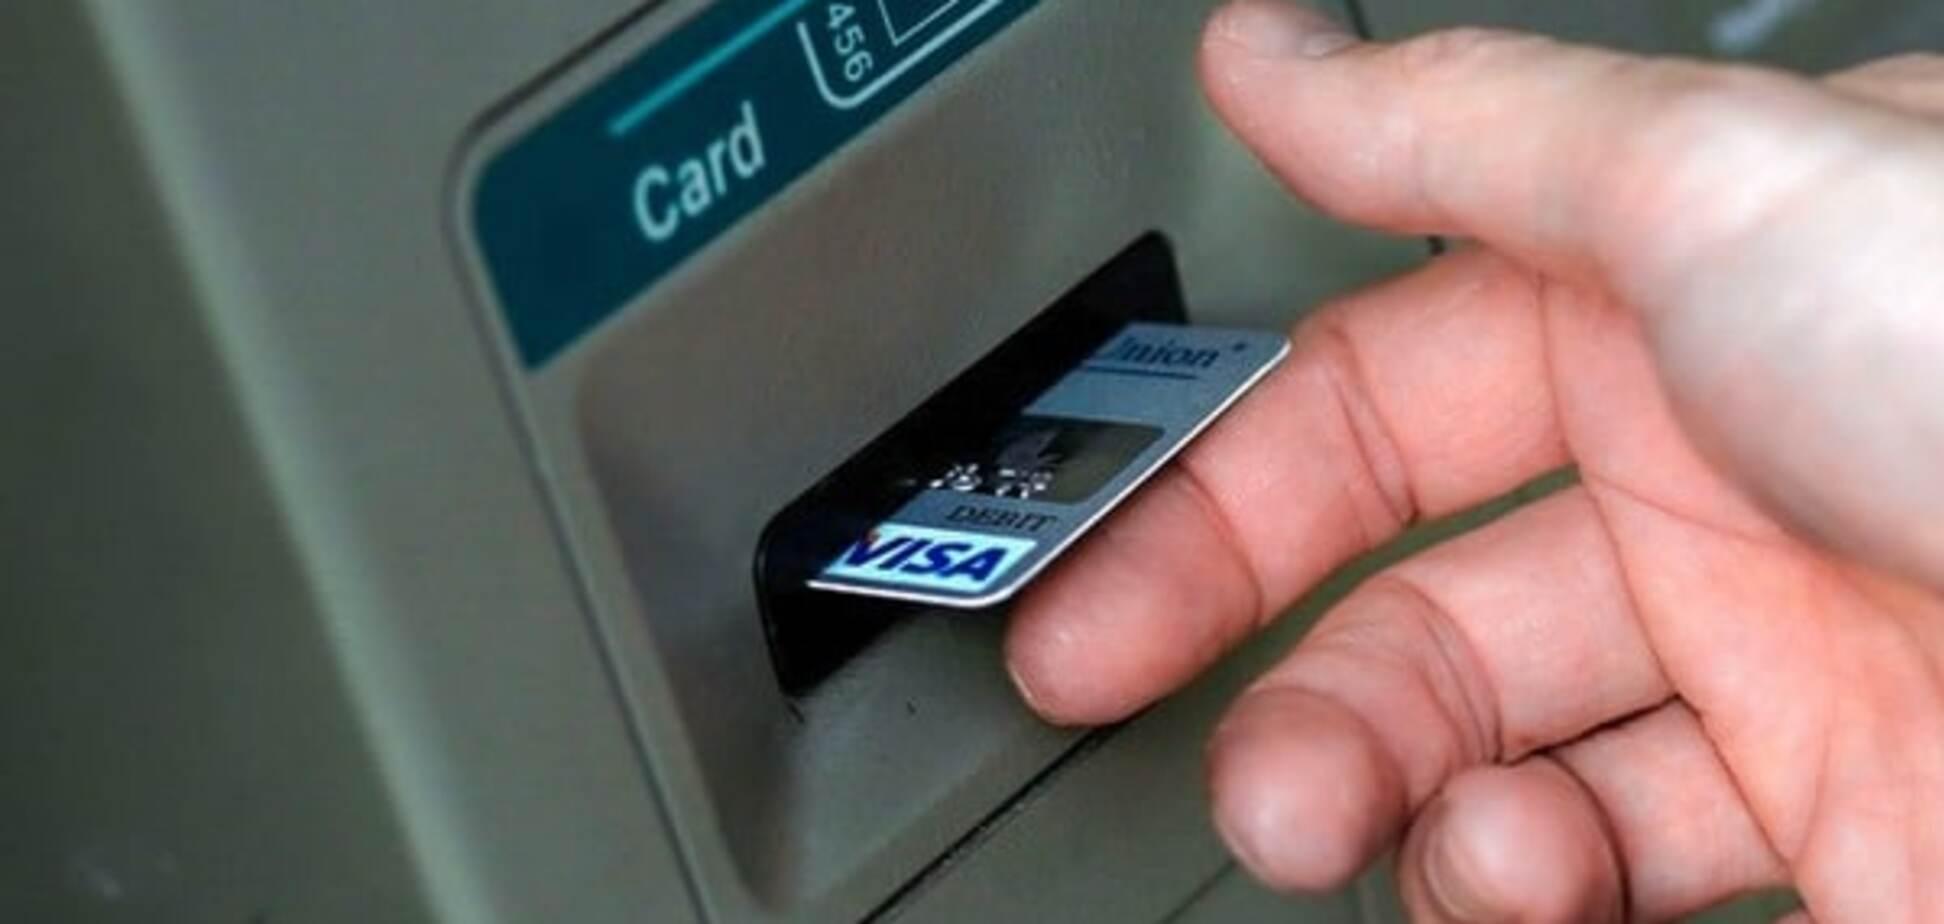 Украинцев предупредили о новом способе краж денег в банкоматах